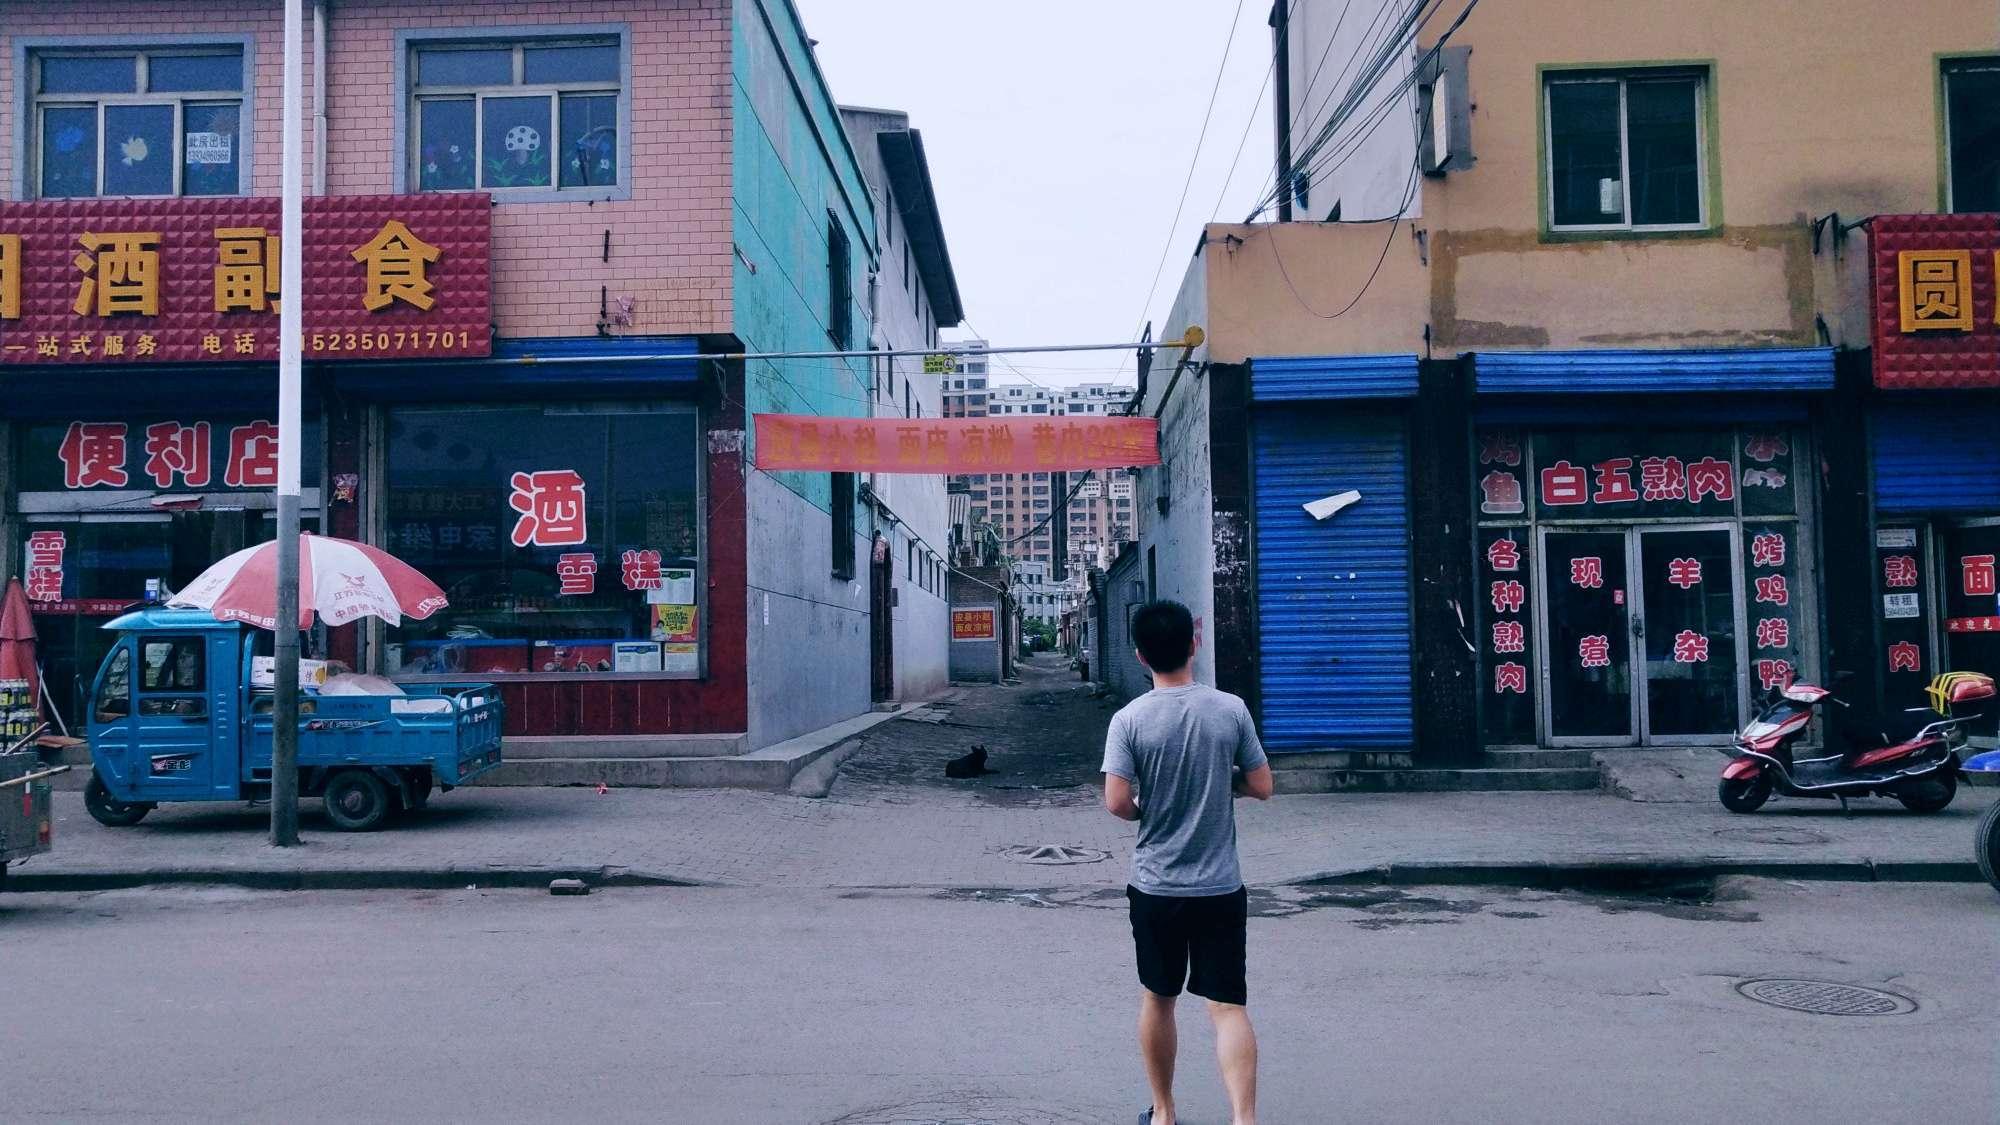 寻找童年记忆之东兴街